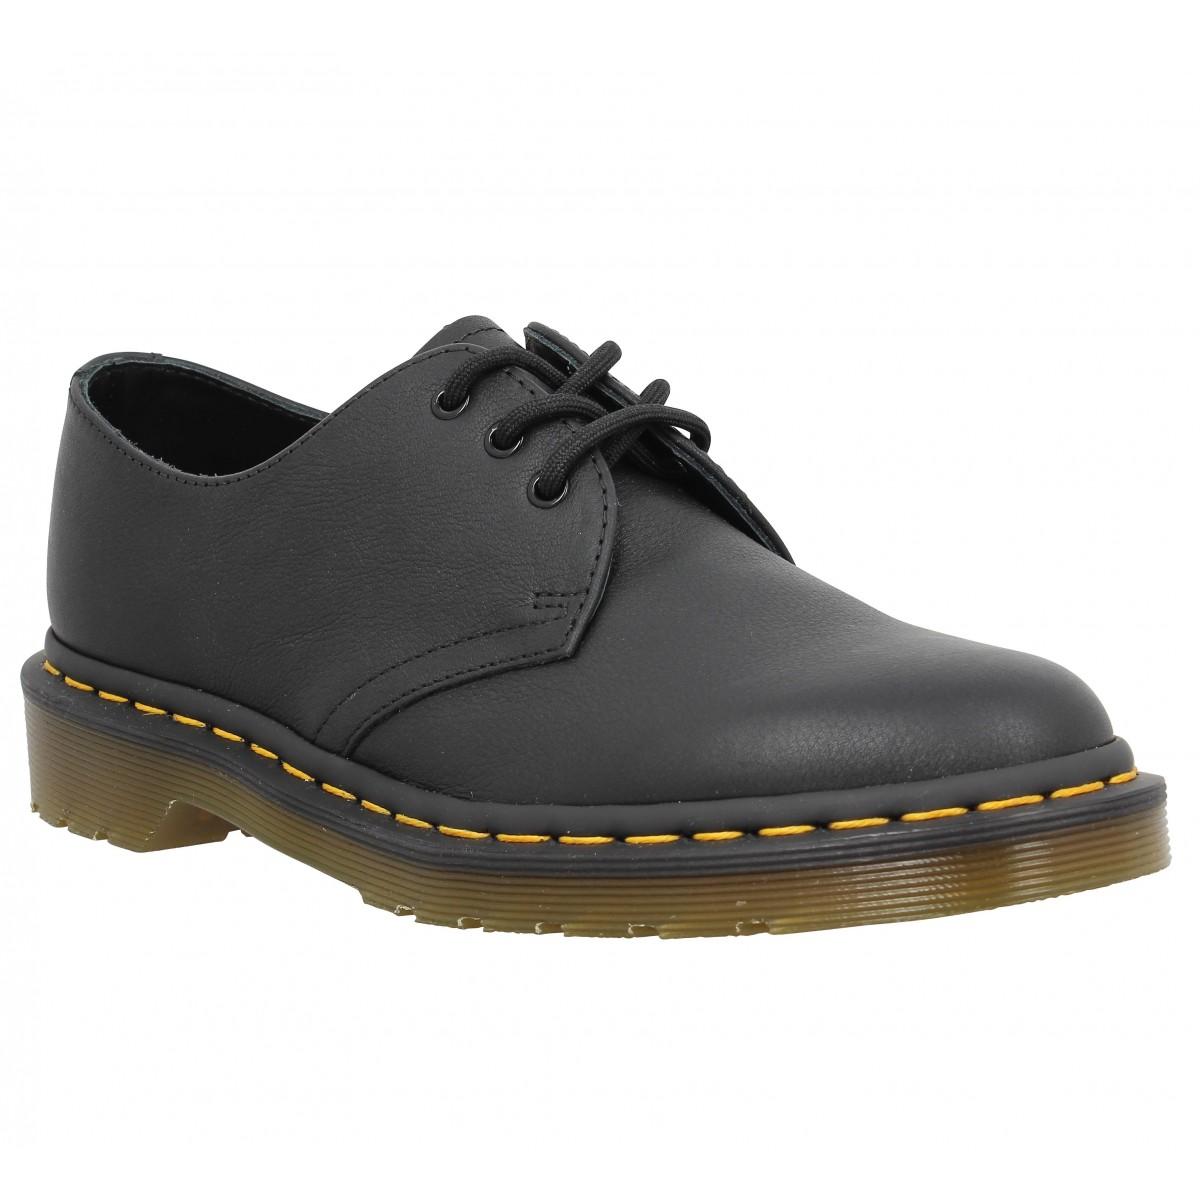 Chaussures à lacets Dr MARTENS 1461 virginia Femme Noir